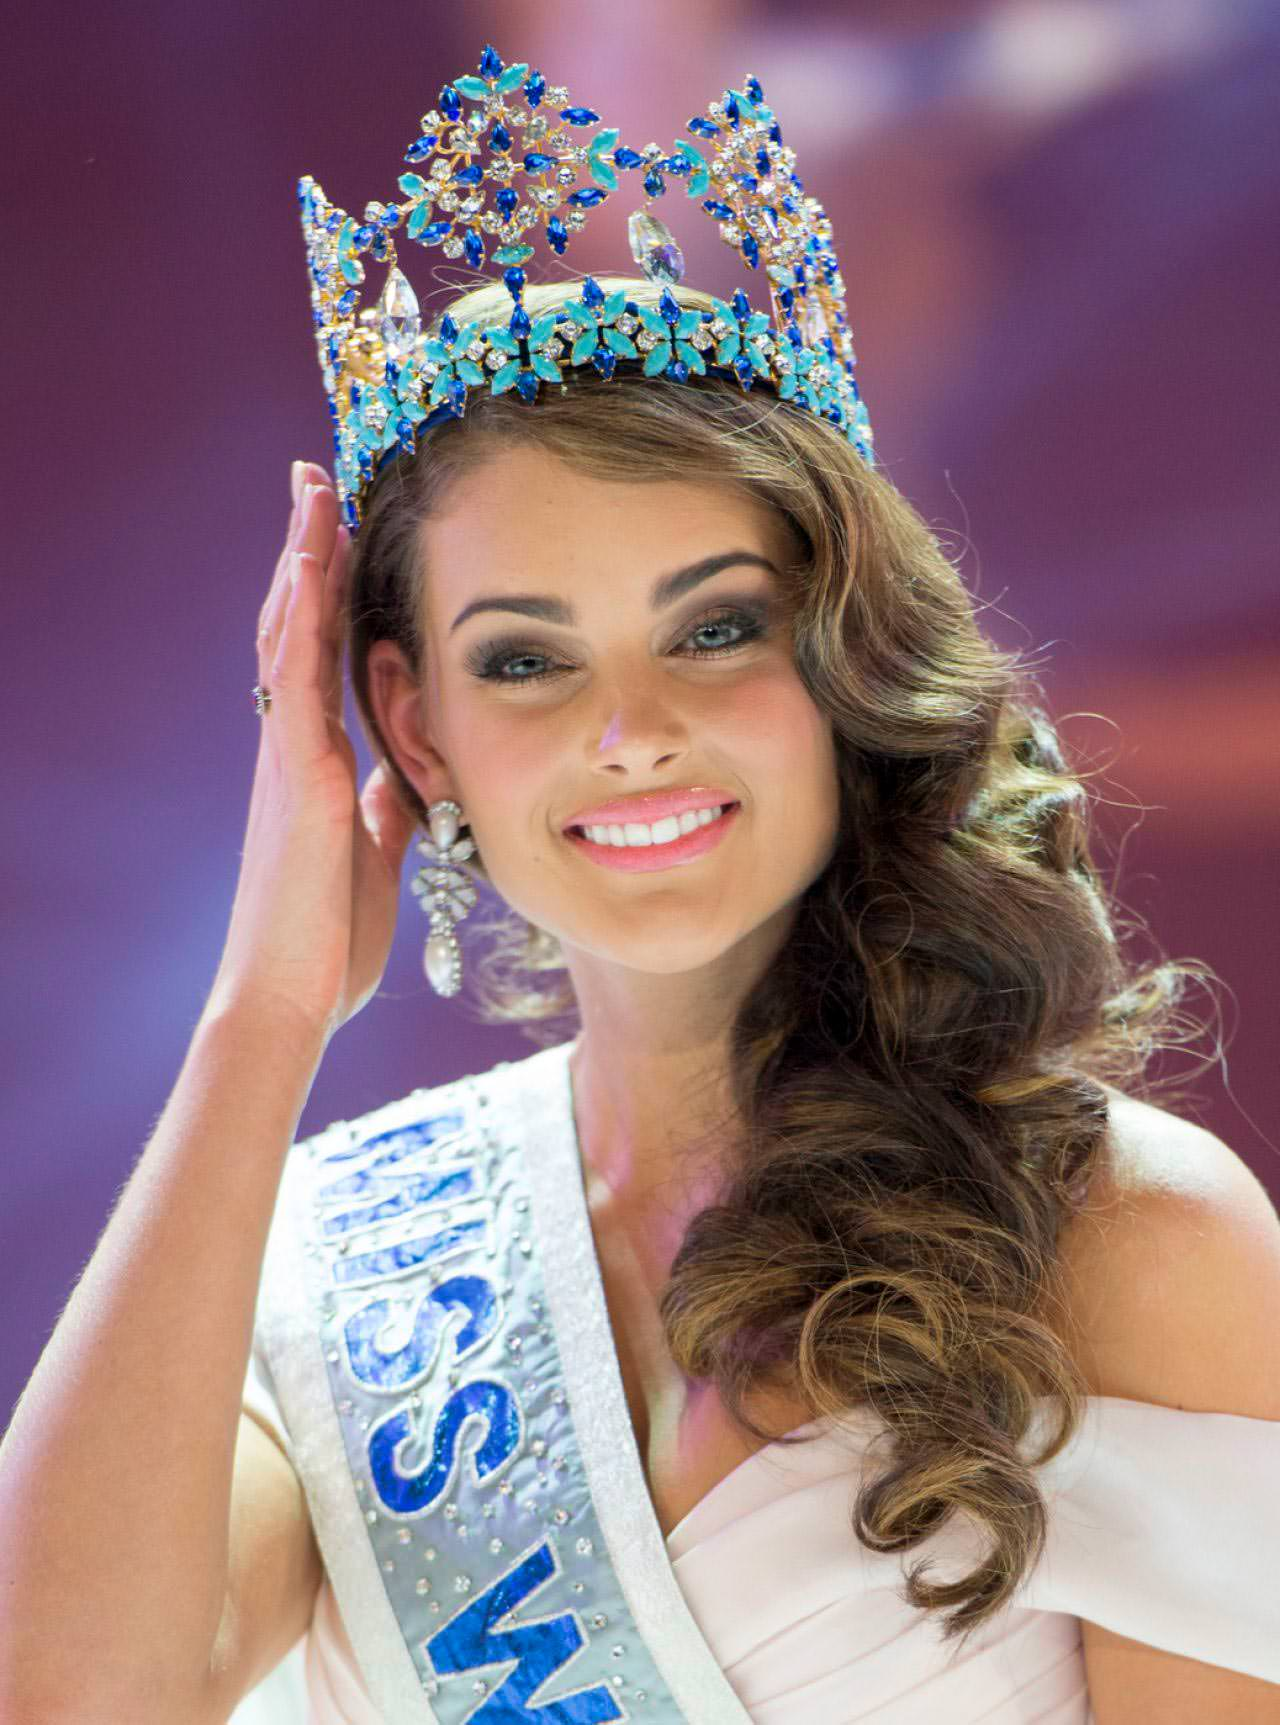 Фото | Мисс Мира 2014 года Ролин Страусс